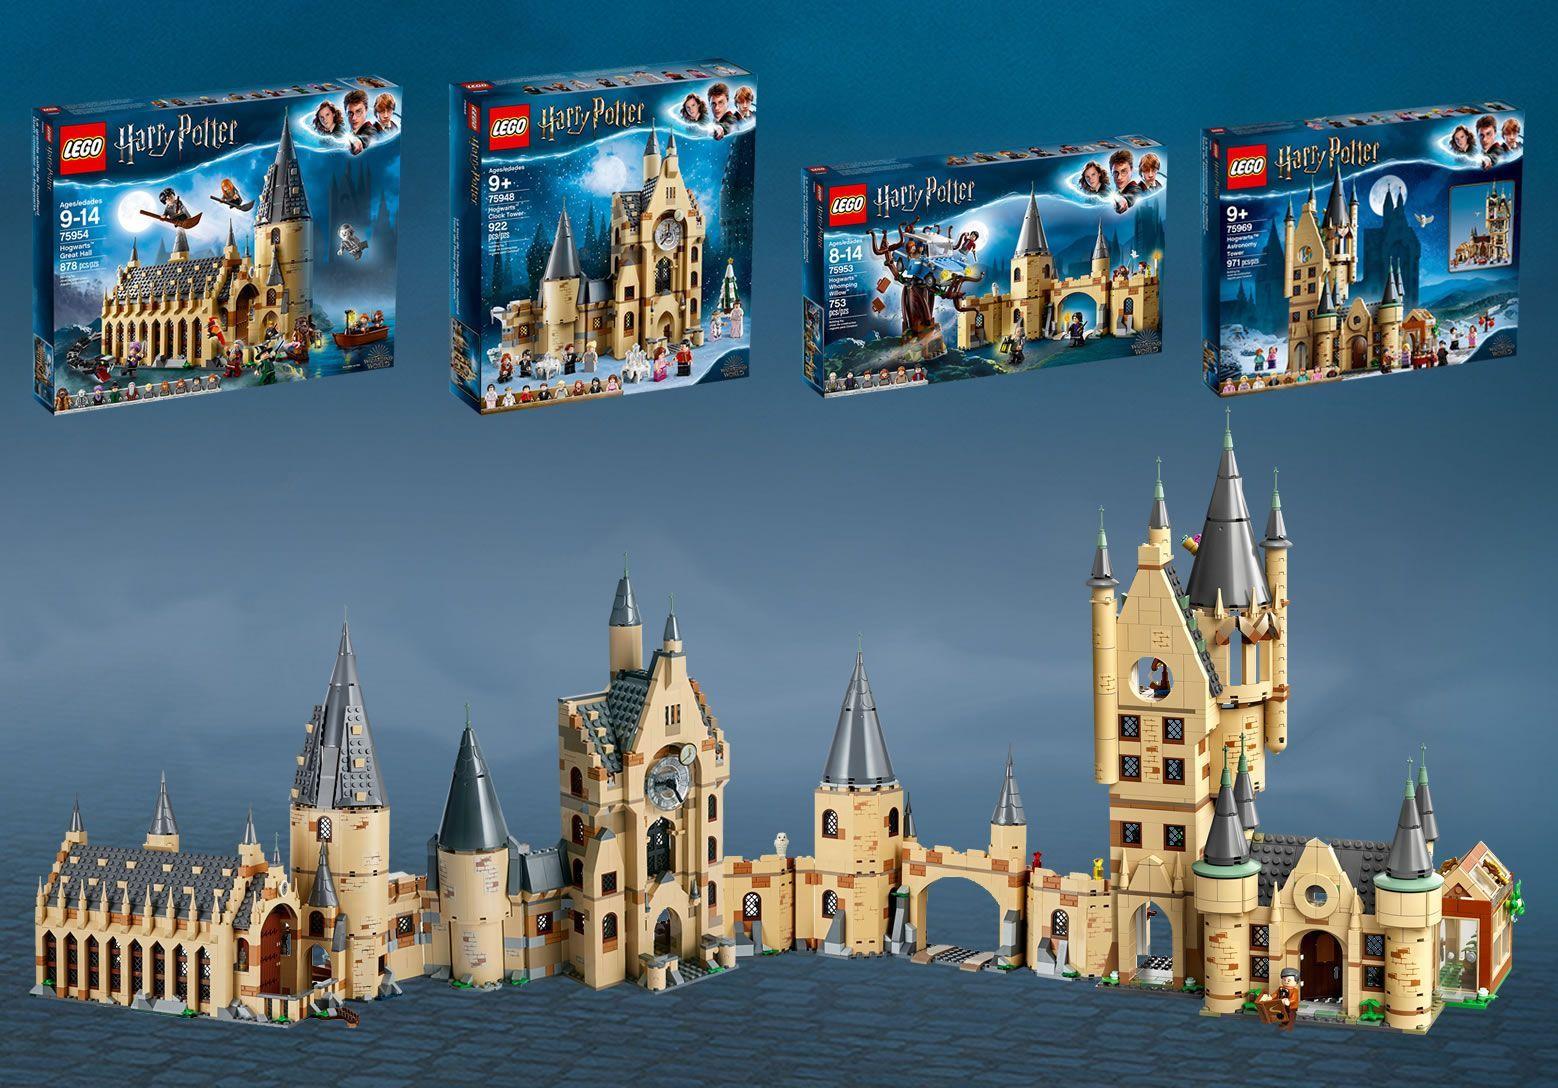 Pin On Lego Lego Hogwarts Harry Potter Lego Sets Lego Harry Potter Minifigures